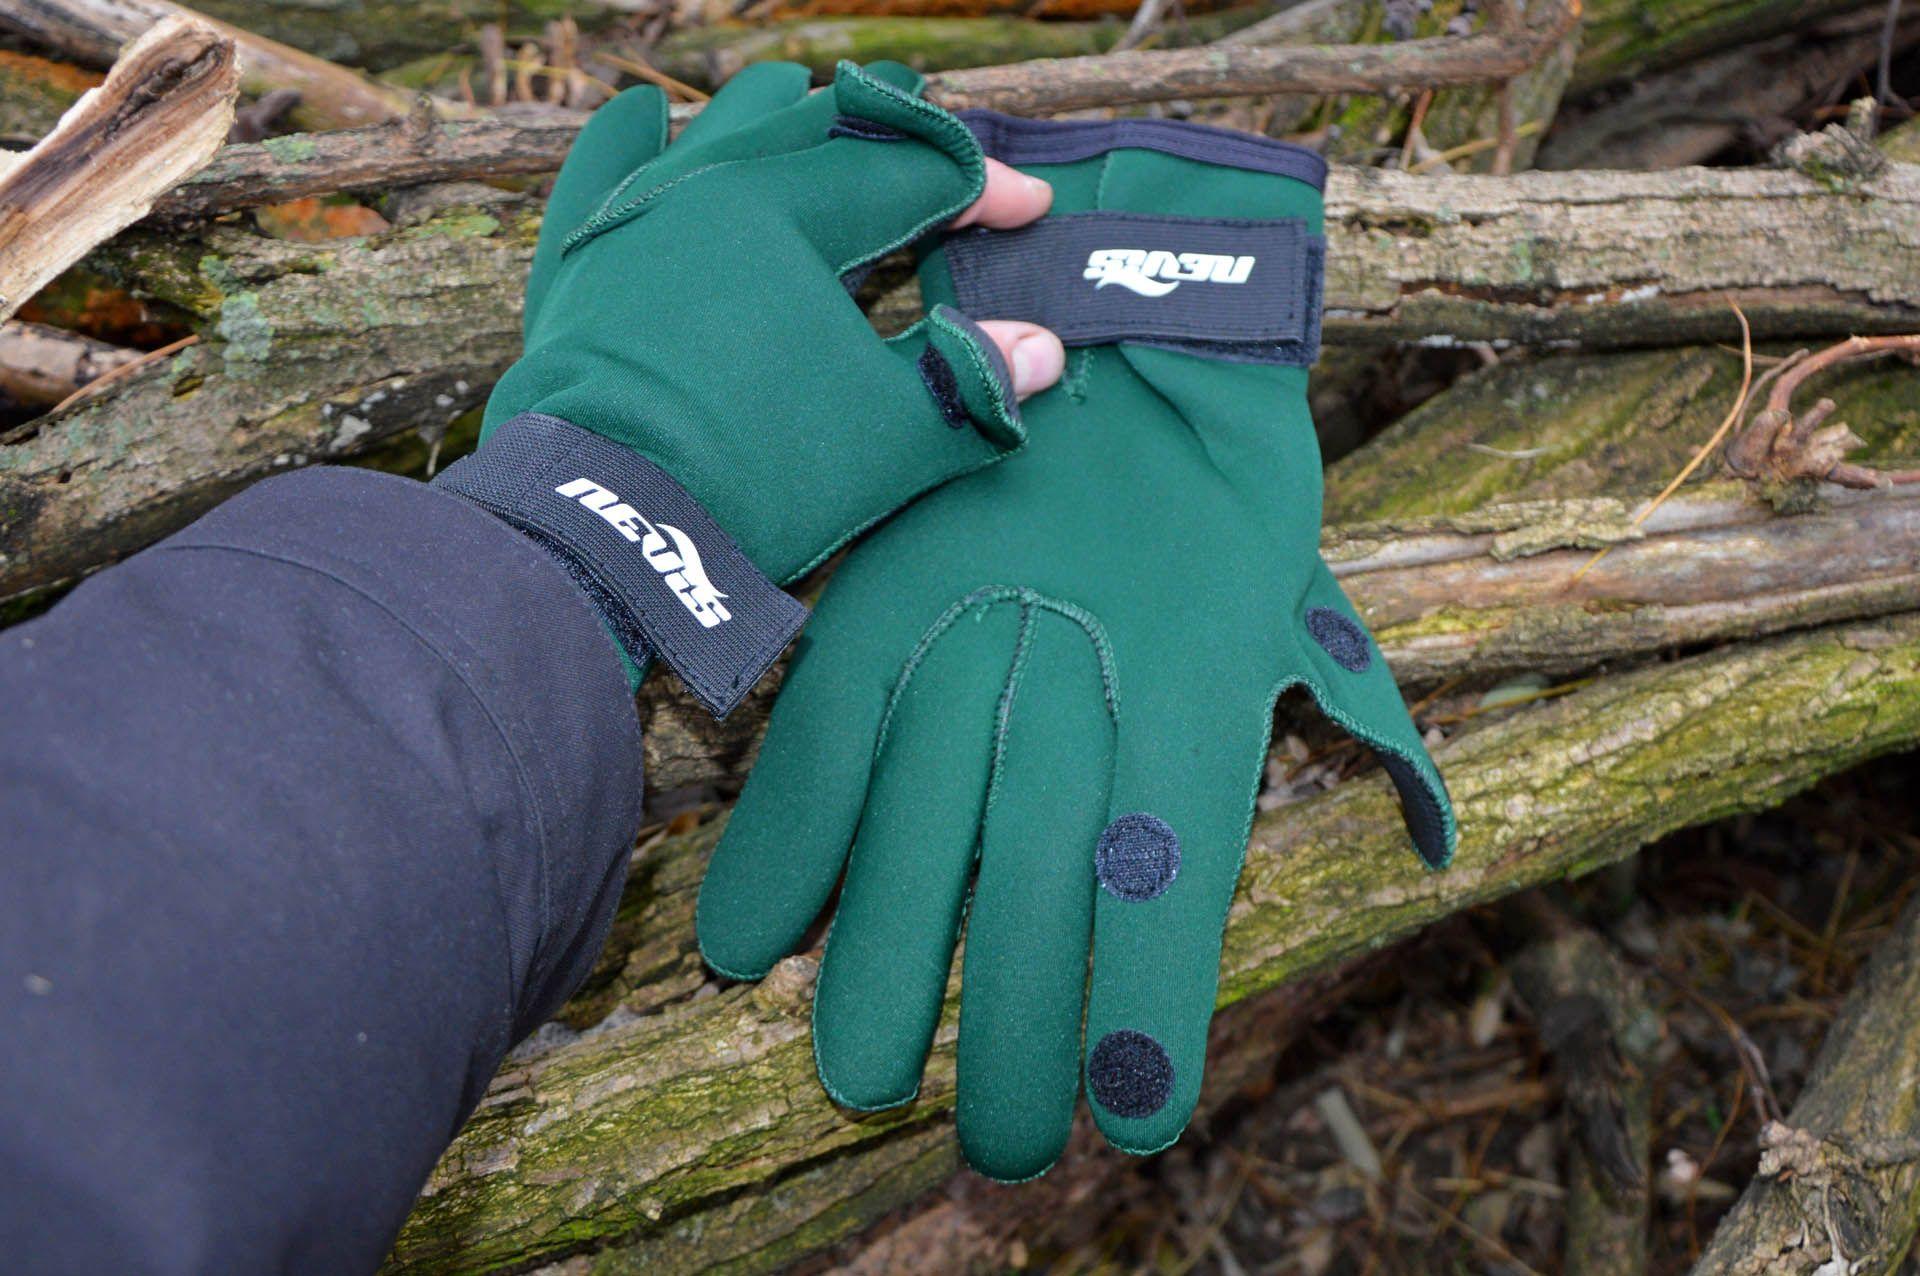 Egy jó neoprén kesztyű a kezet is melegen tartja, és nyitható ujjvégeinek hála nem zavar a horgászatban